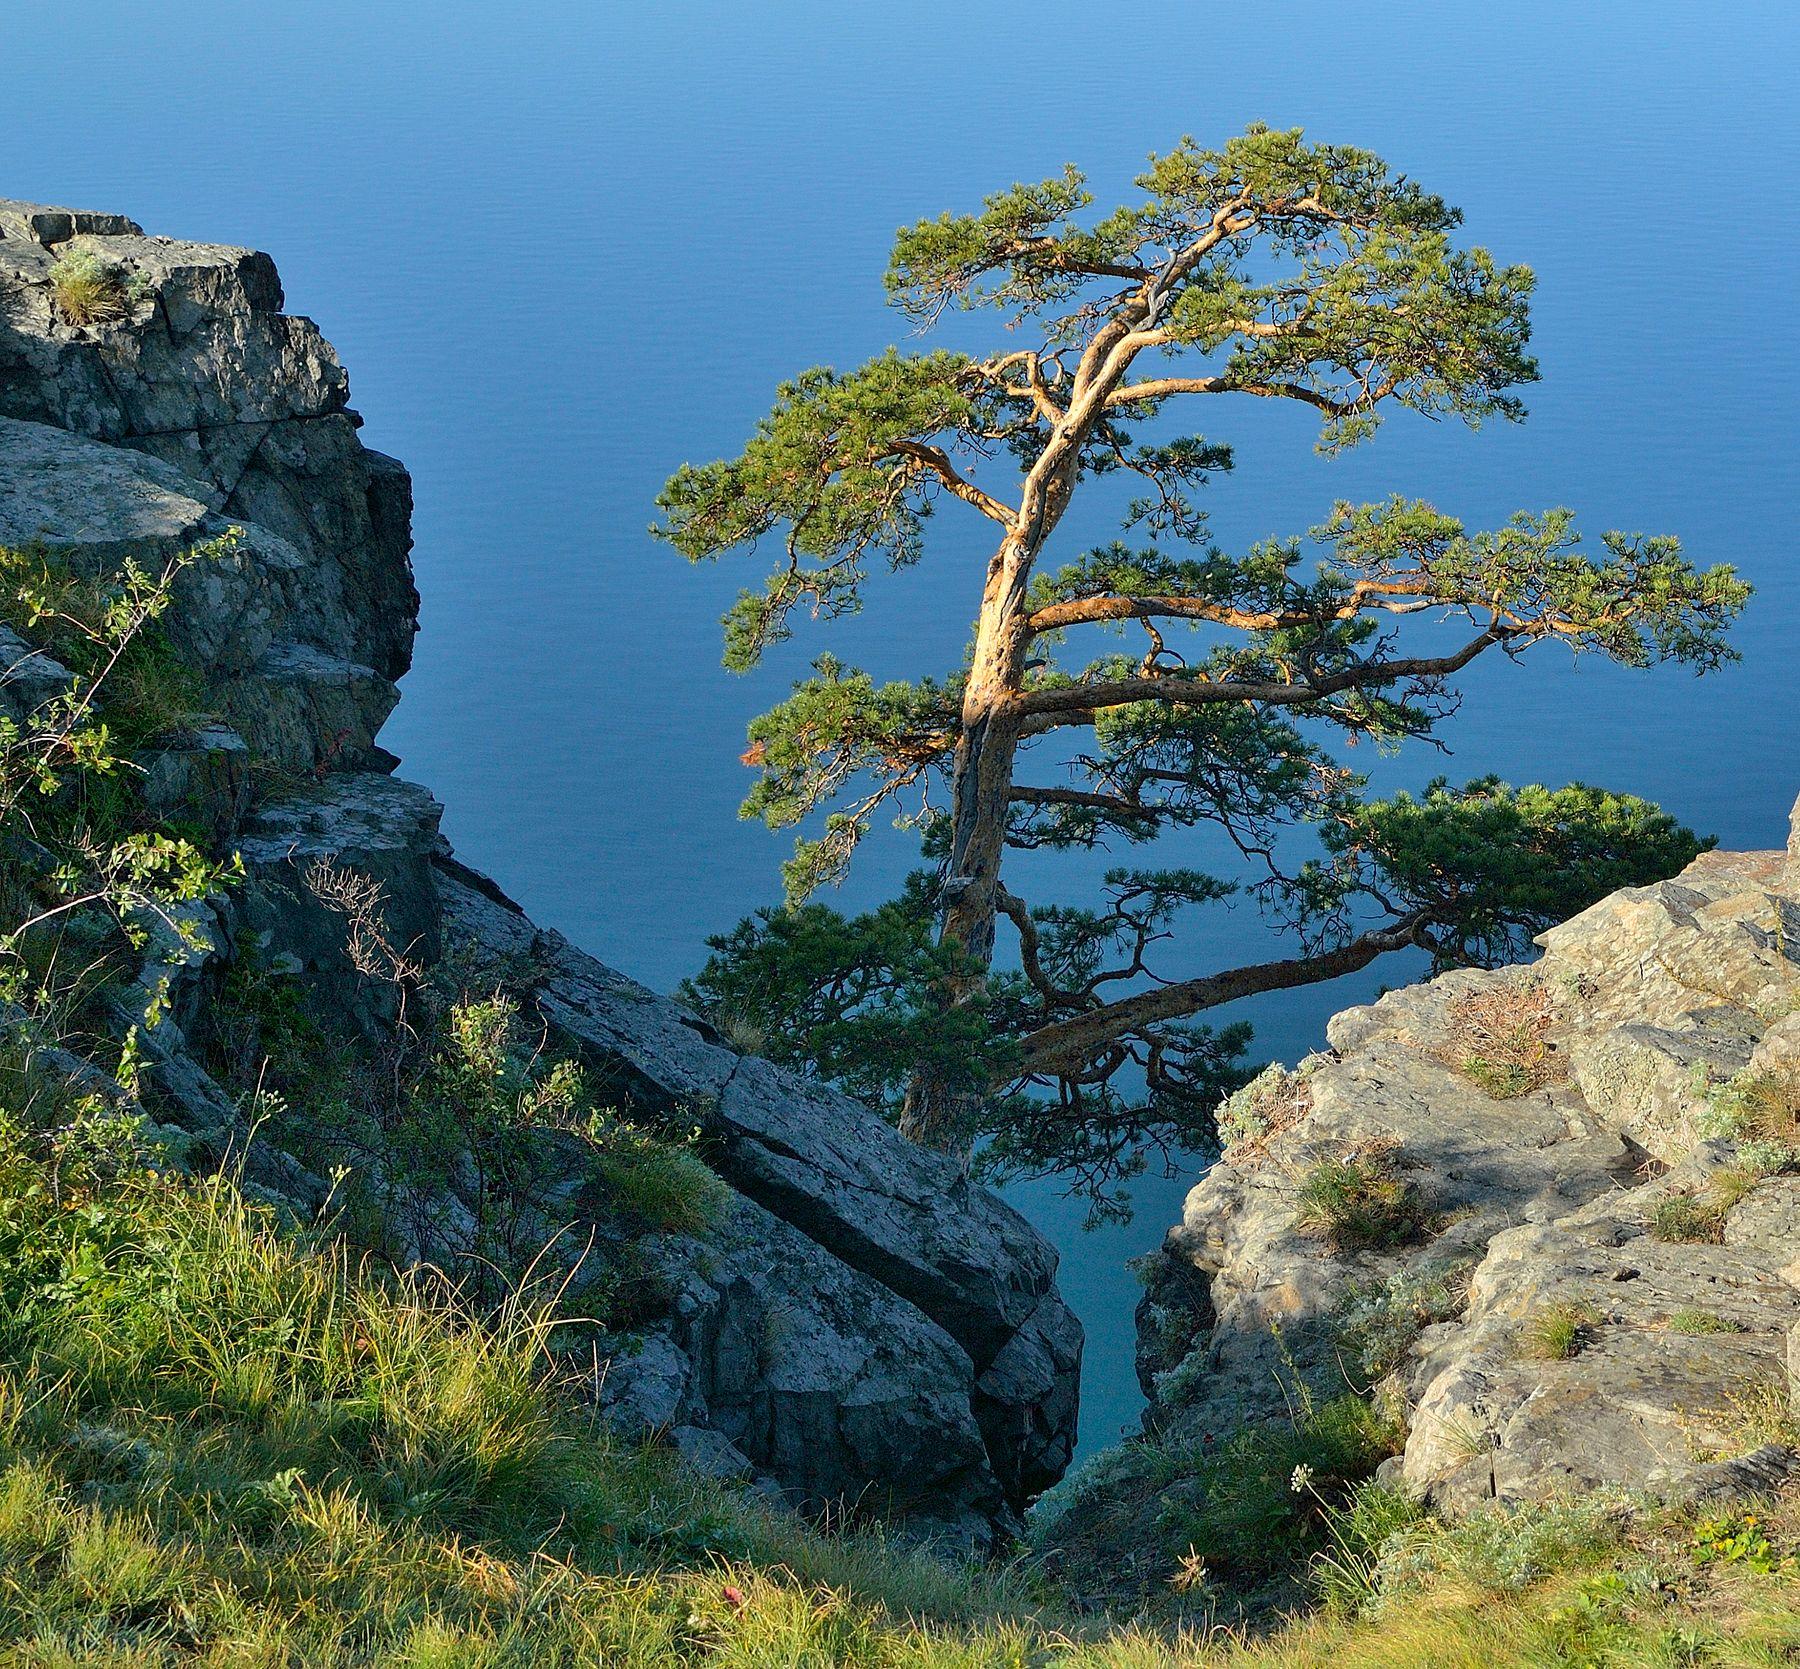 Скала на озере Тургояк.  Южный Урал.